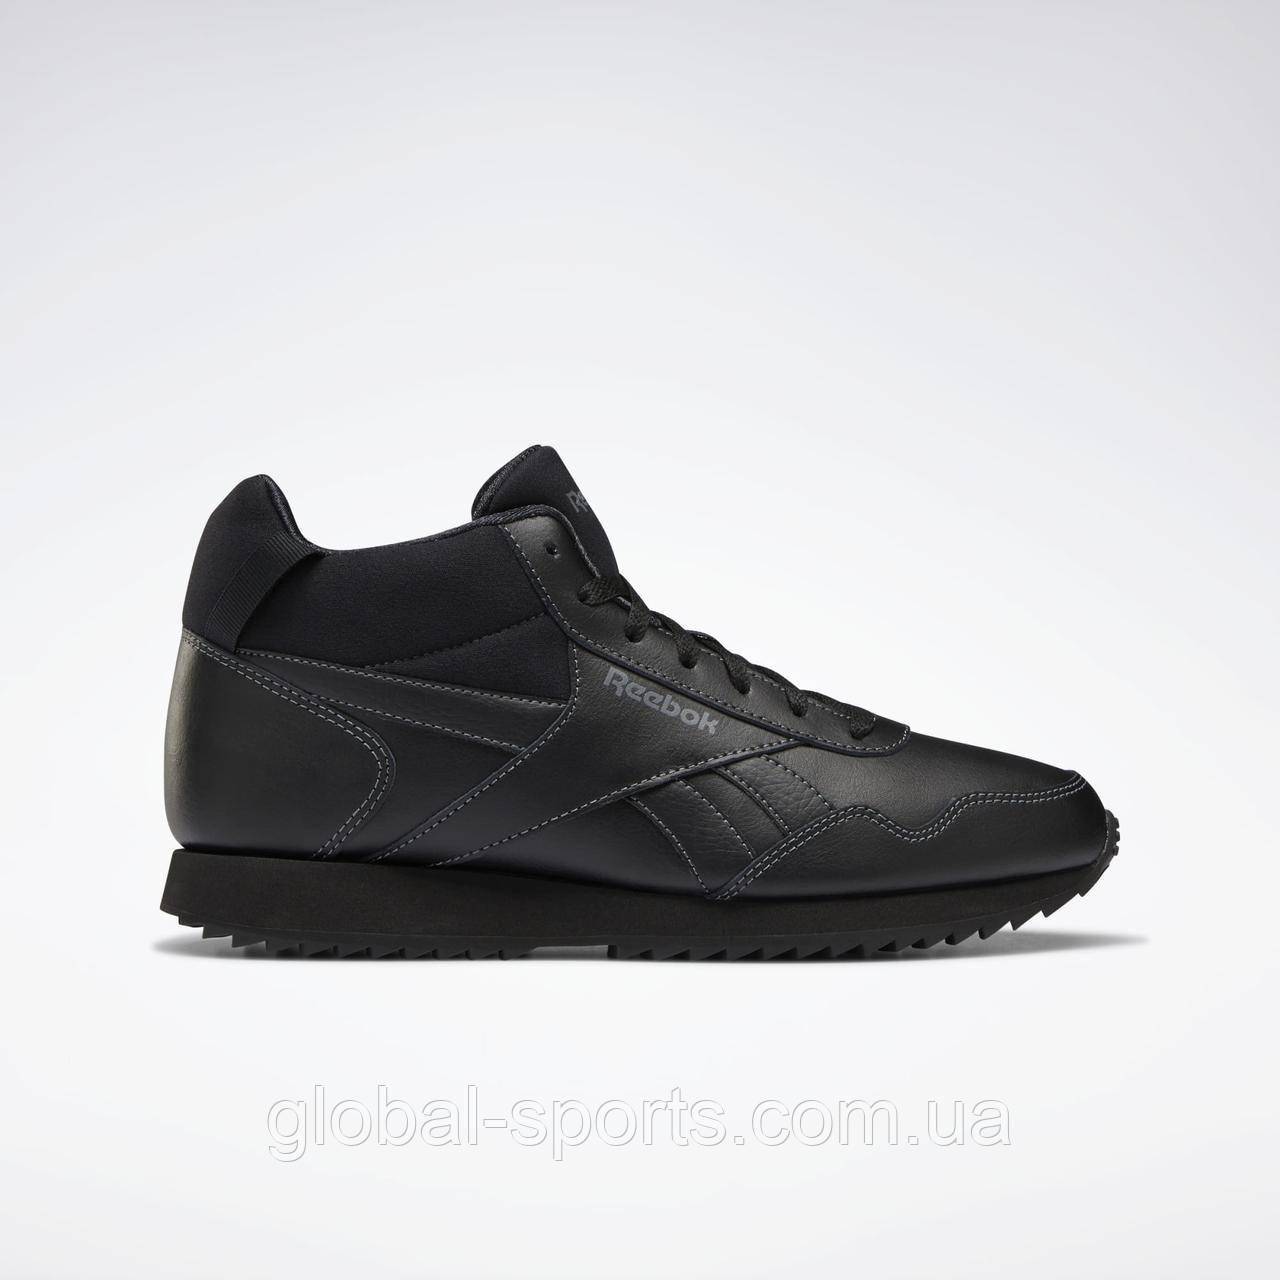 Чоловічі кросівки Reebok Royal Glide Mid (Артикул: DV6781)